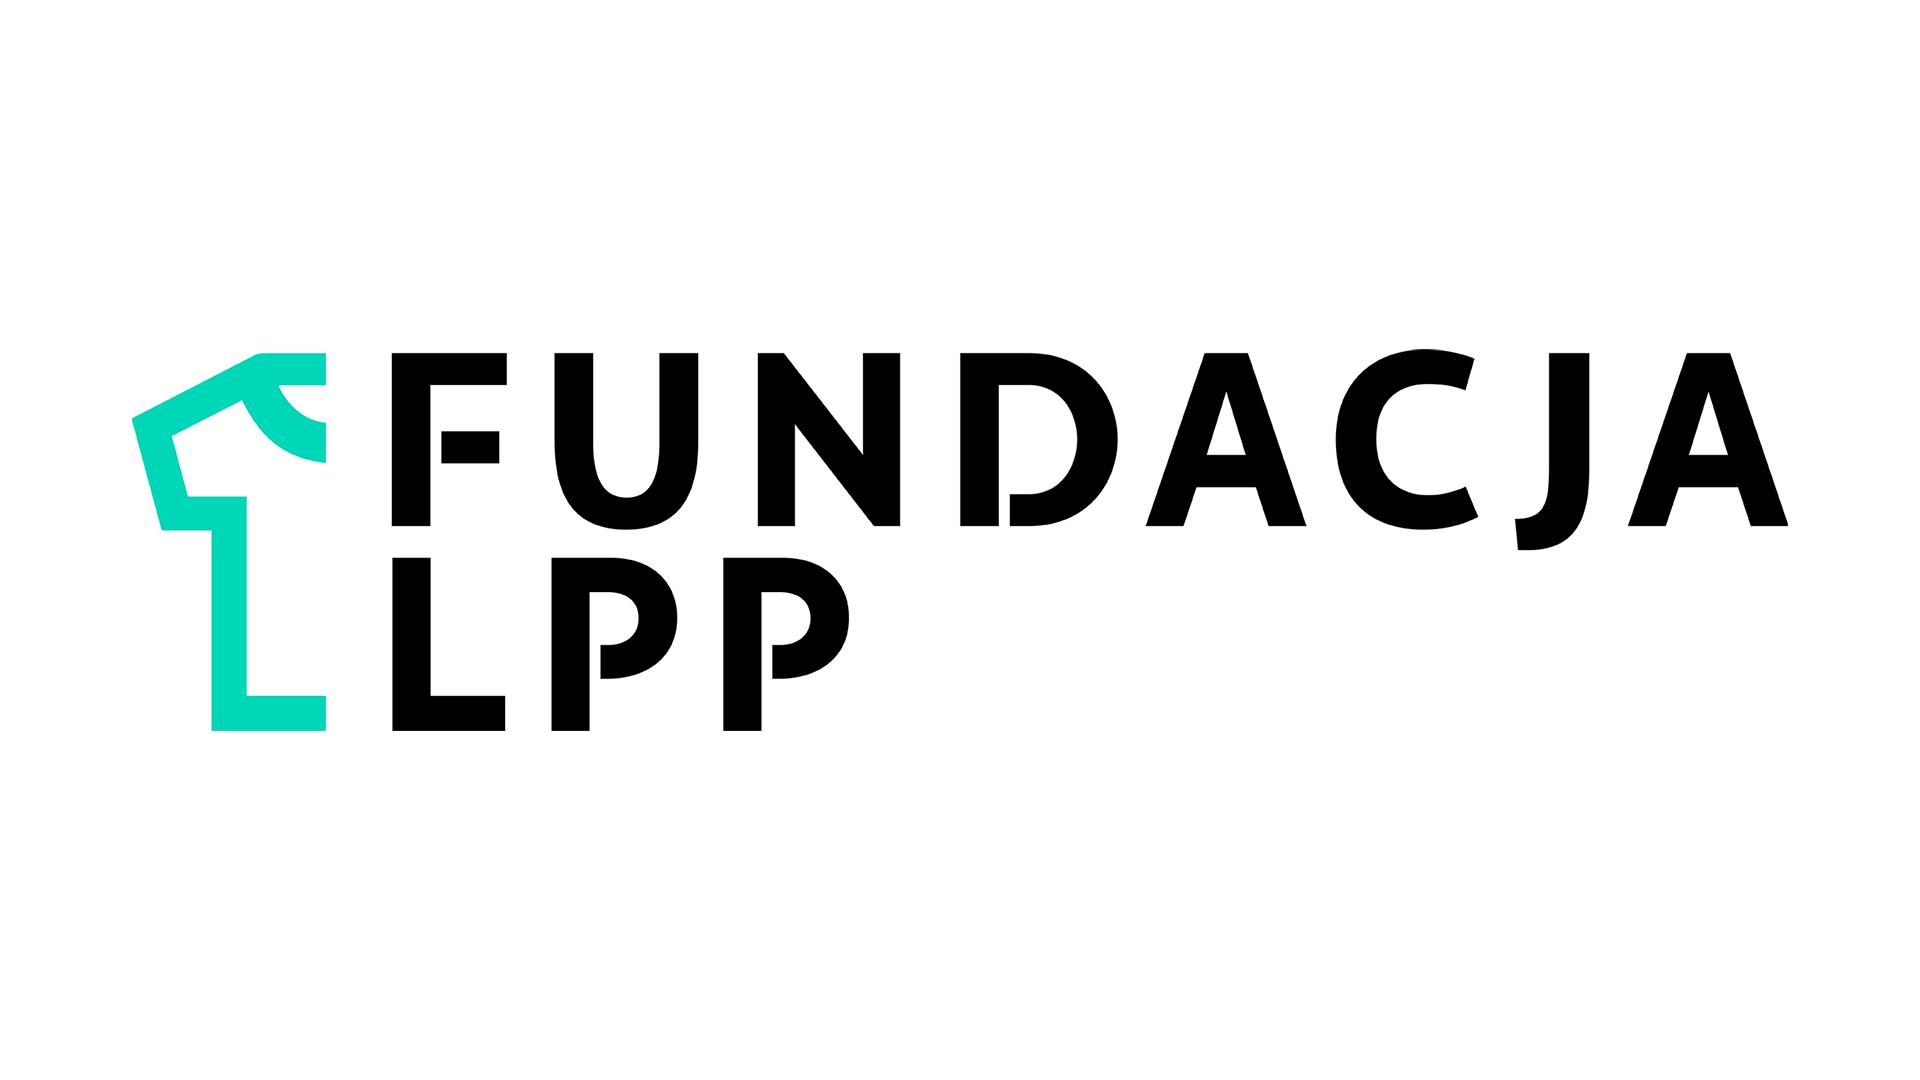 Fundacja LPP